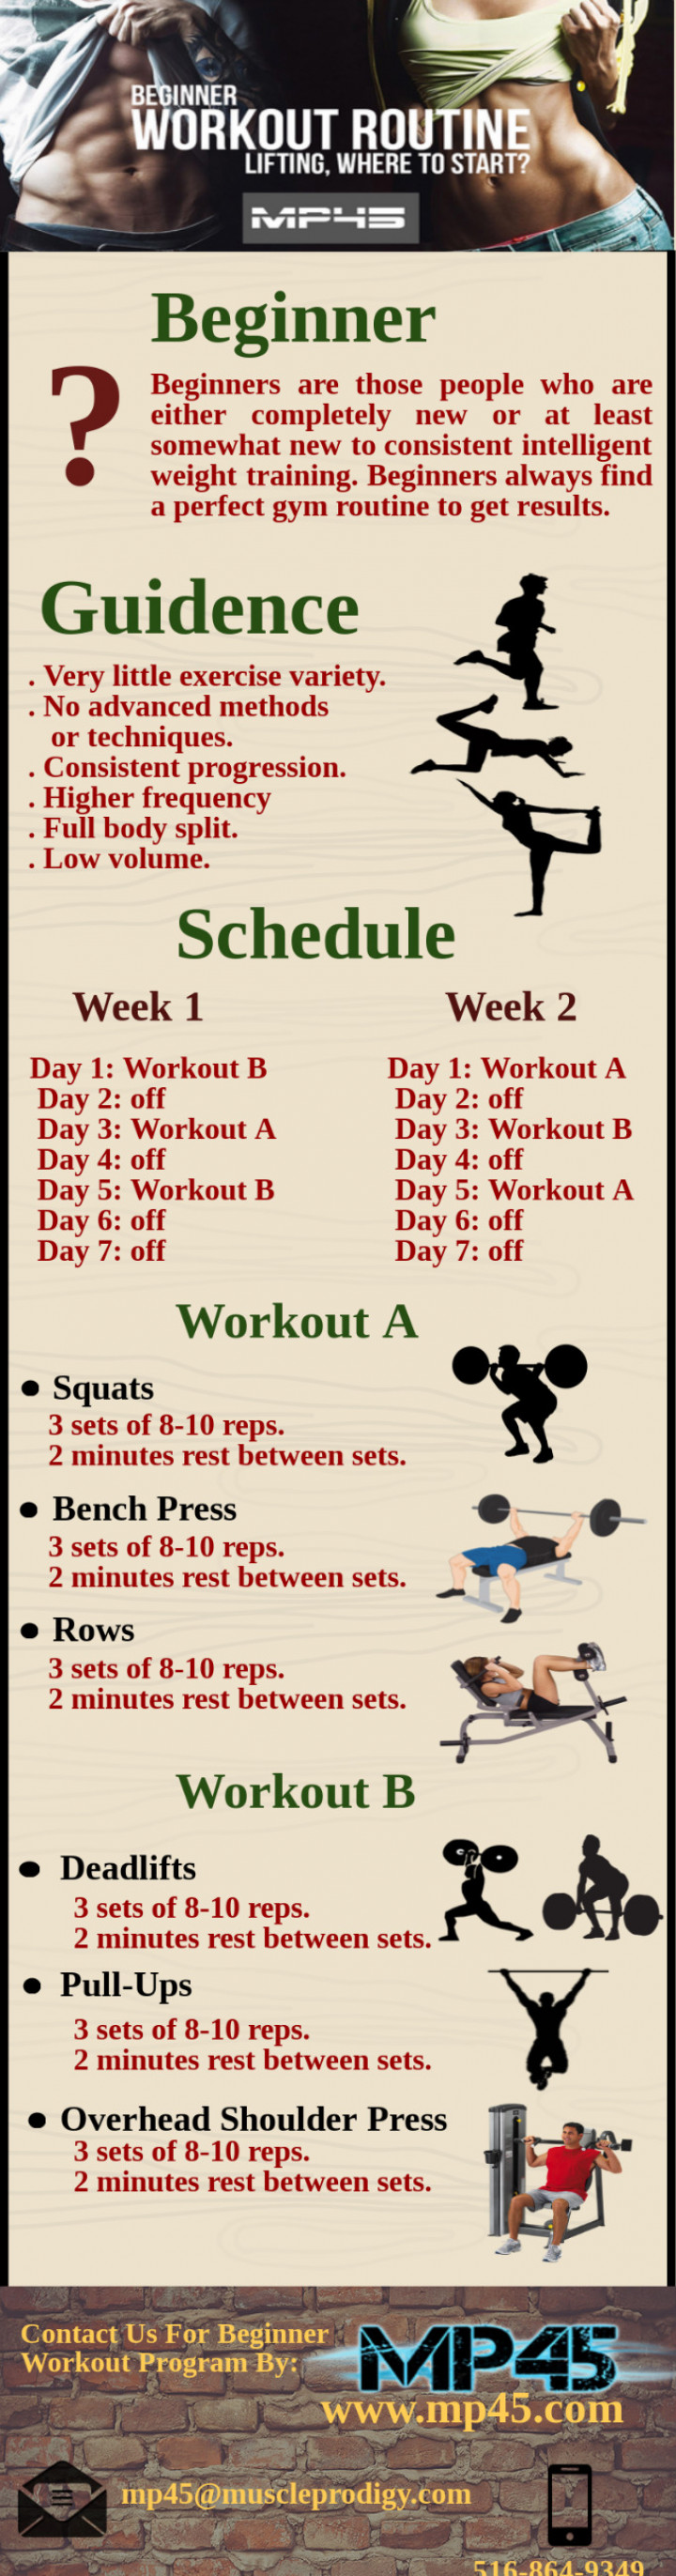 Beginner Workout Routines